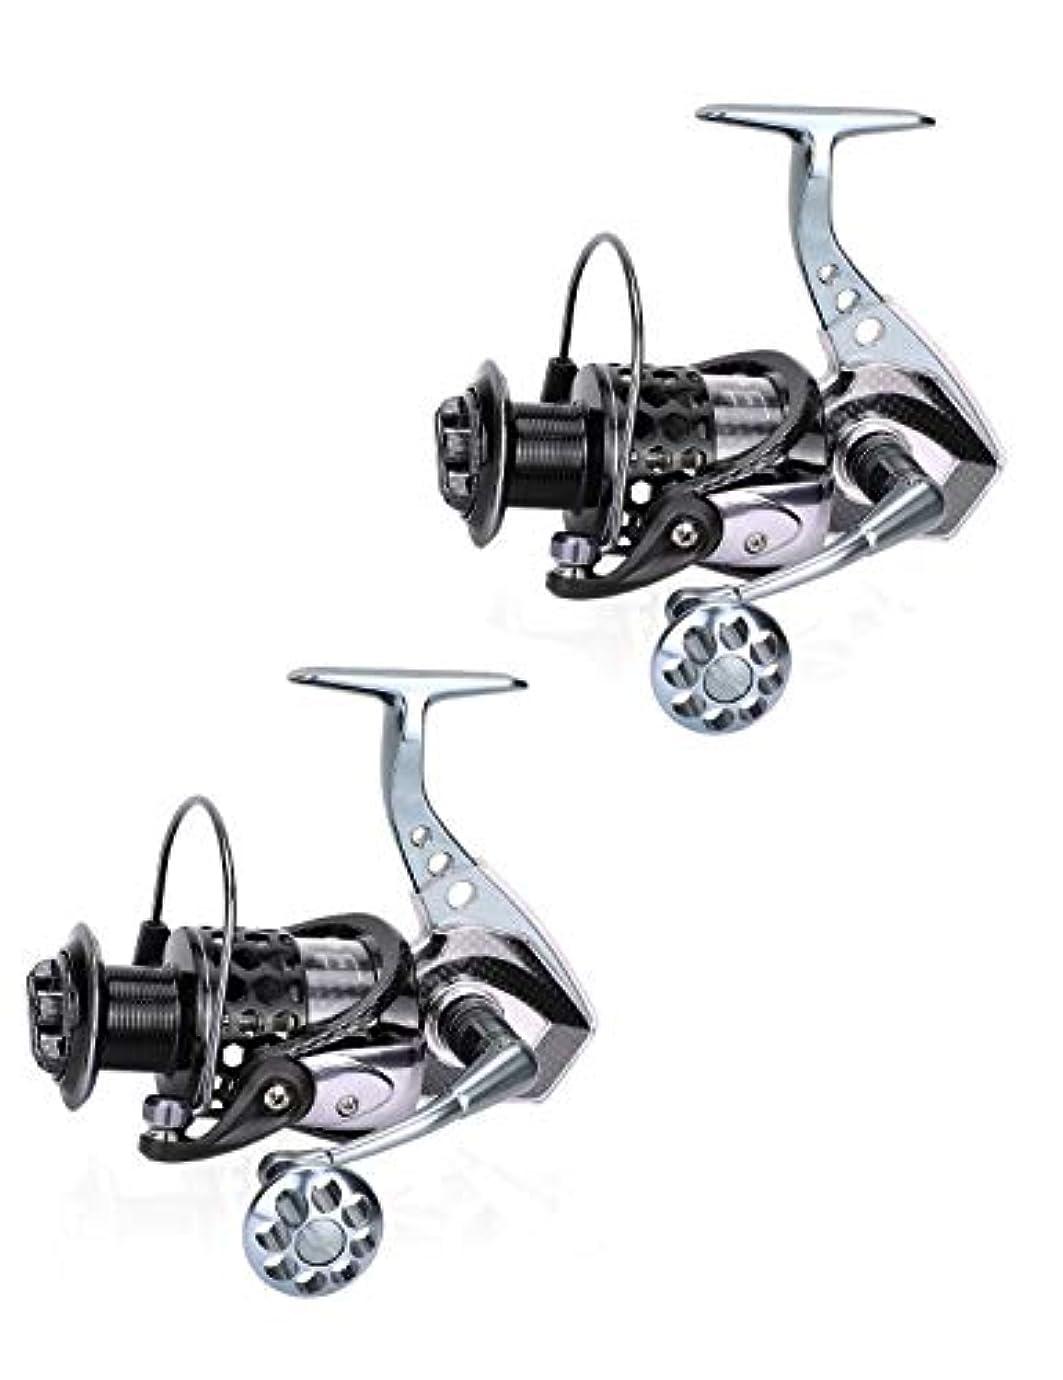 ビジョンレイプ注釈を付ける釣り用リール、18ステンレススチール製ベアリングスムーズ回転リール、防錆デザイン、オールメタルハイパワーボディ、釣り好きな人に最適のギフト (Color : 2 reel)